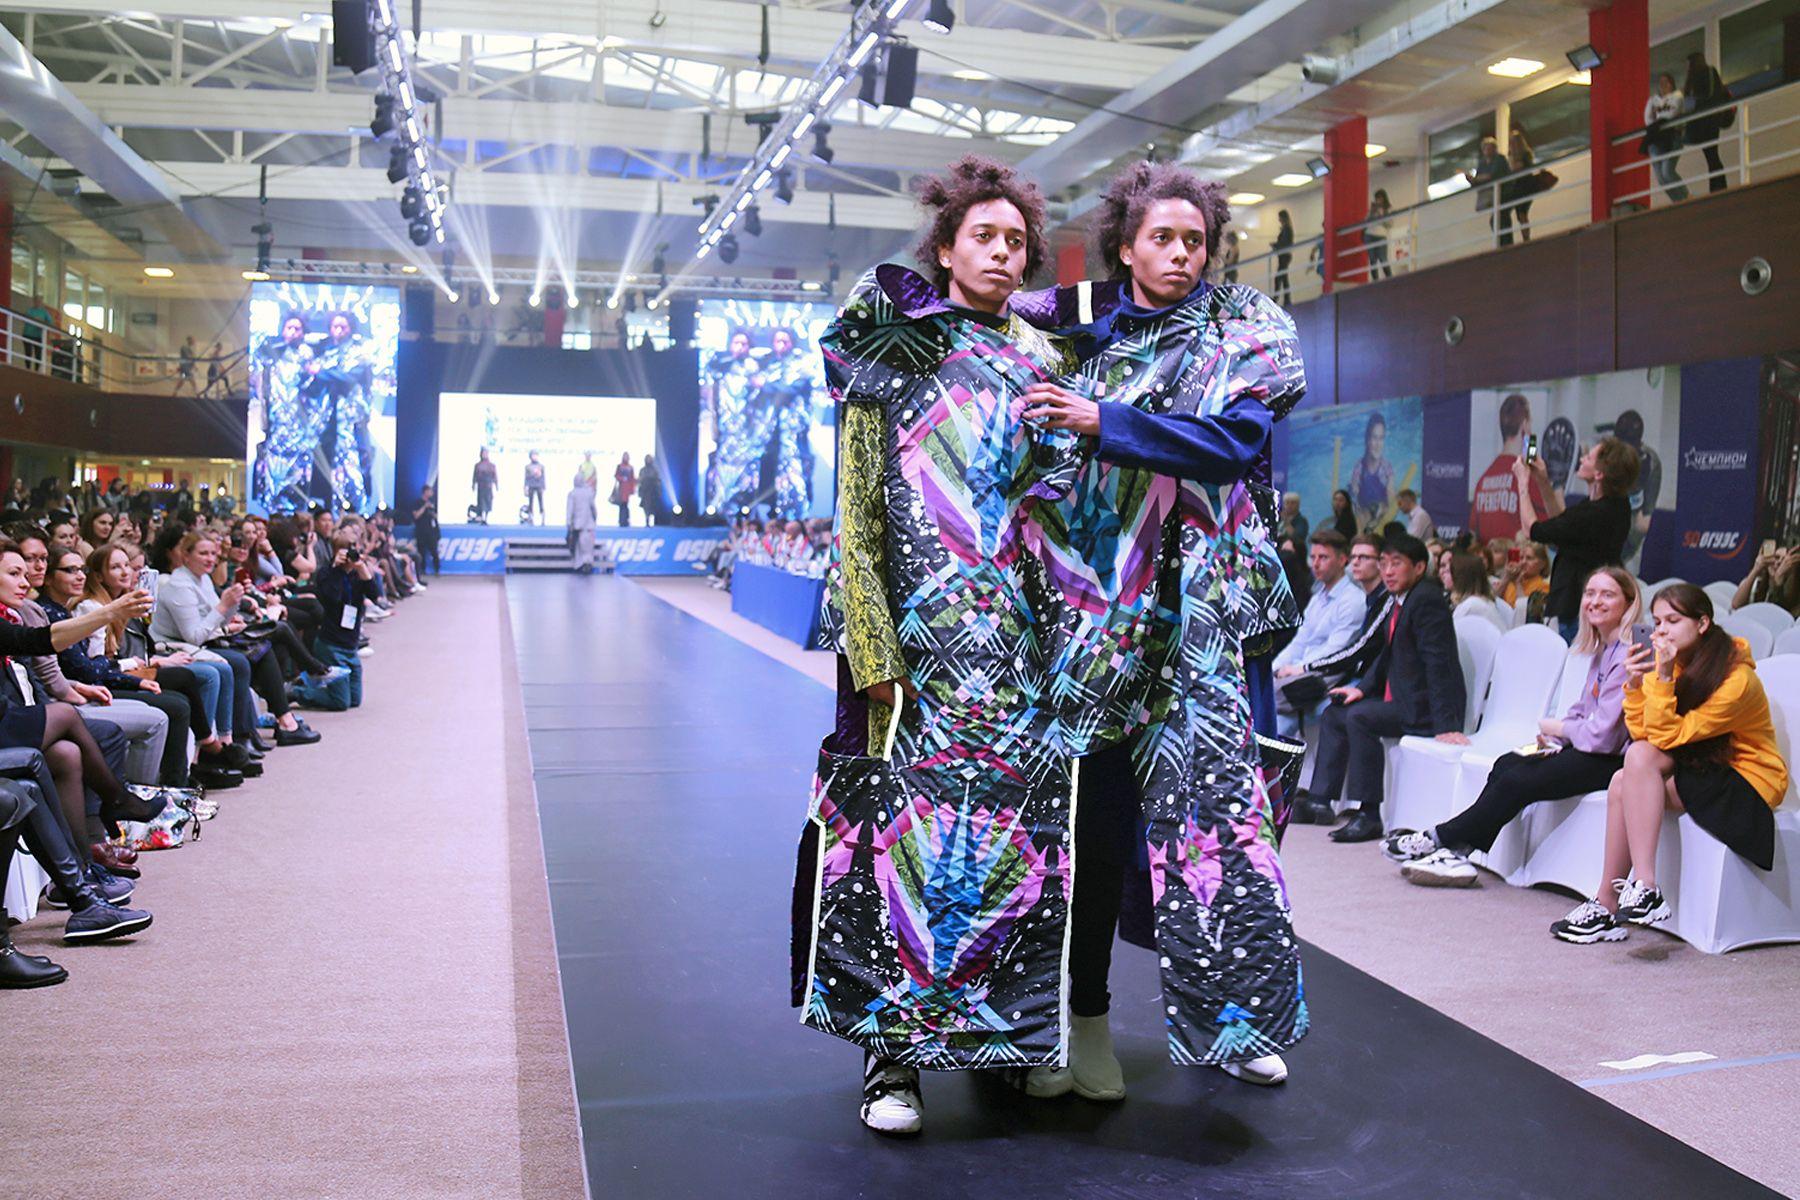 «Мгла», «Под снос», «Таматарха»: названы лучшие коллекции XXVI Международного конкурса молодых дизайнеров «Пигмалион» во ВГУЭС